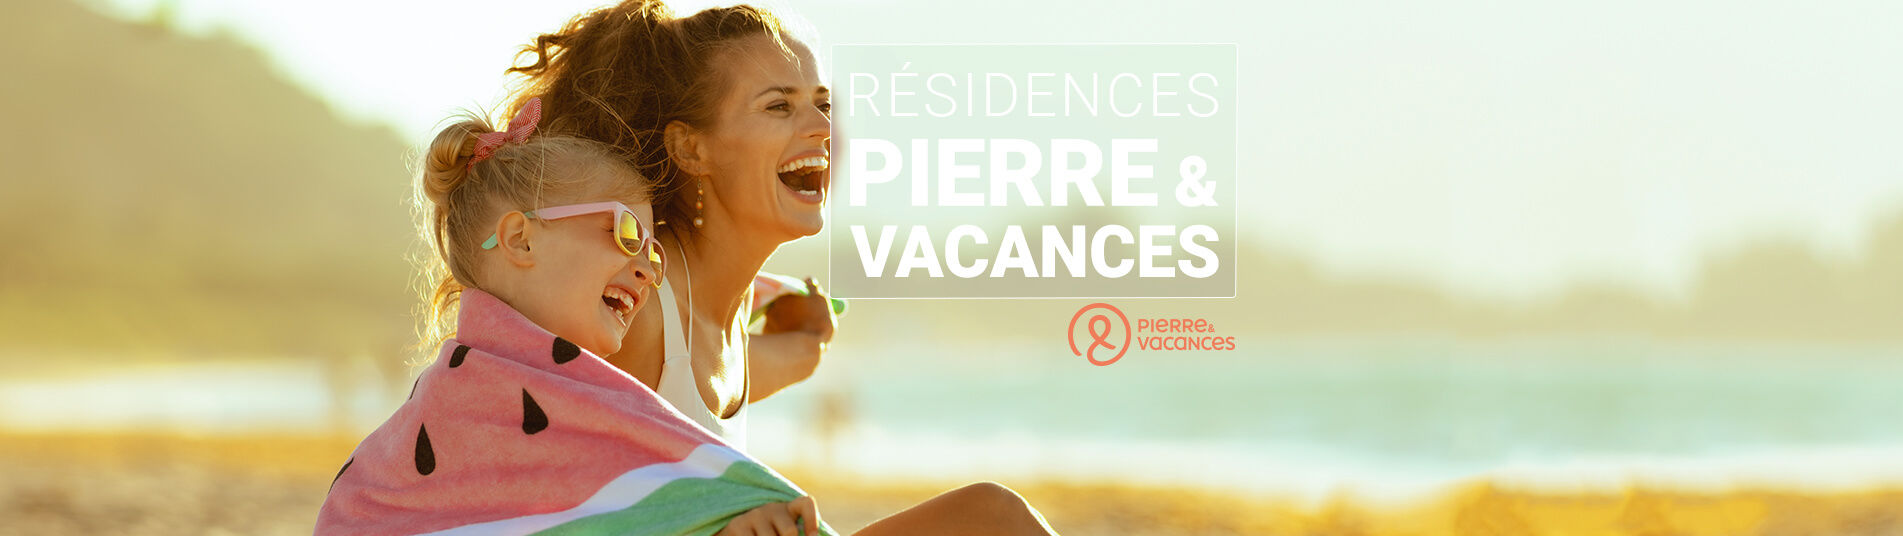 Générique Pierre et Vacances